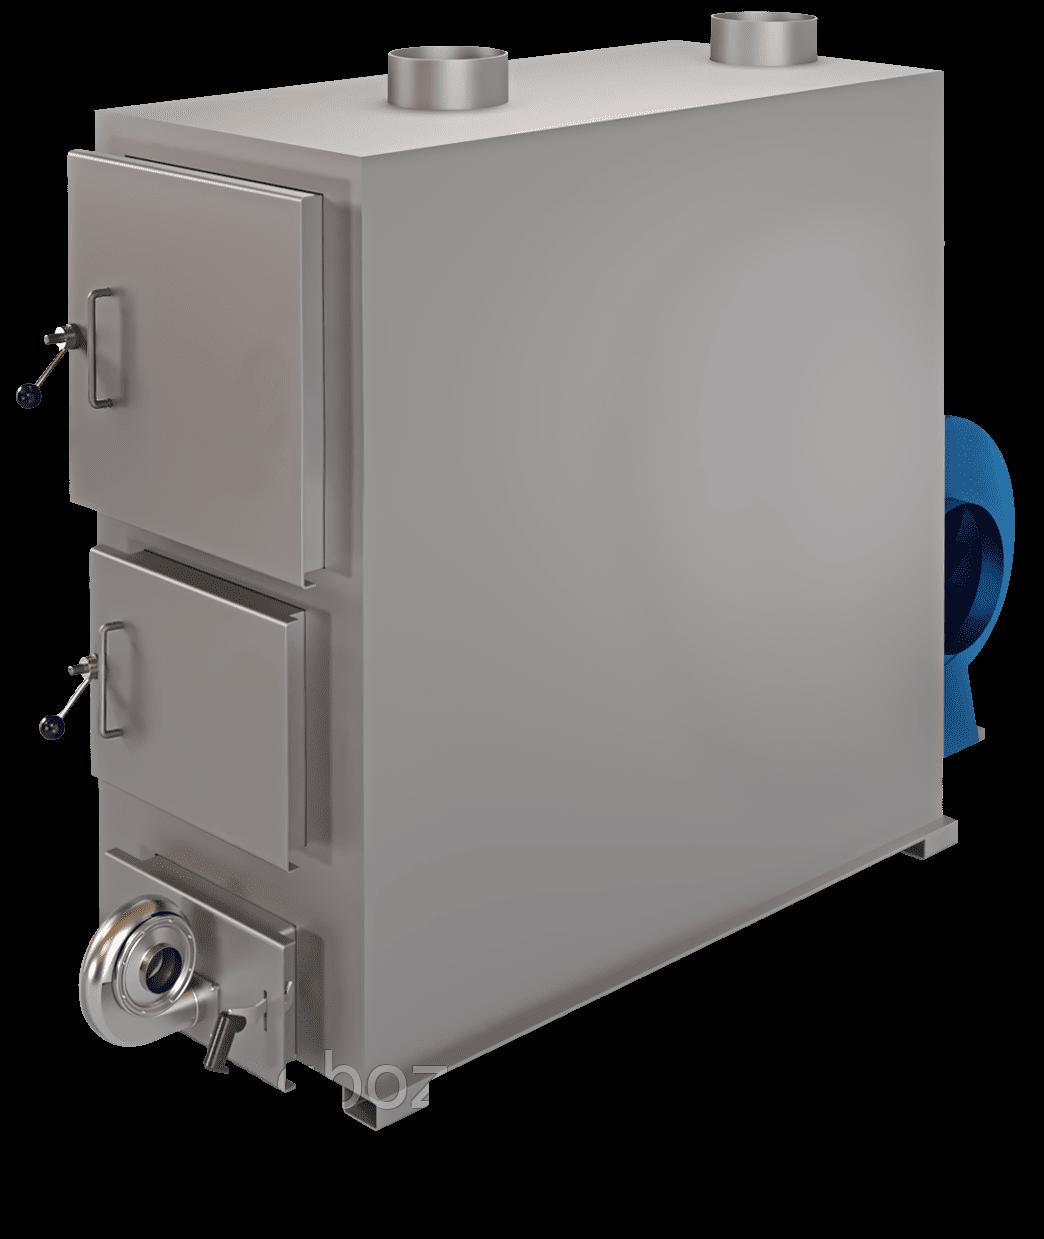 Теплогенератор высокотемпературный Swag 90 кВт